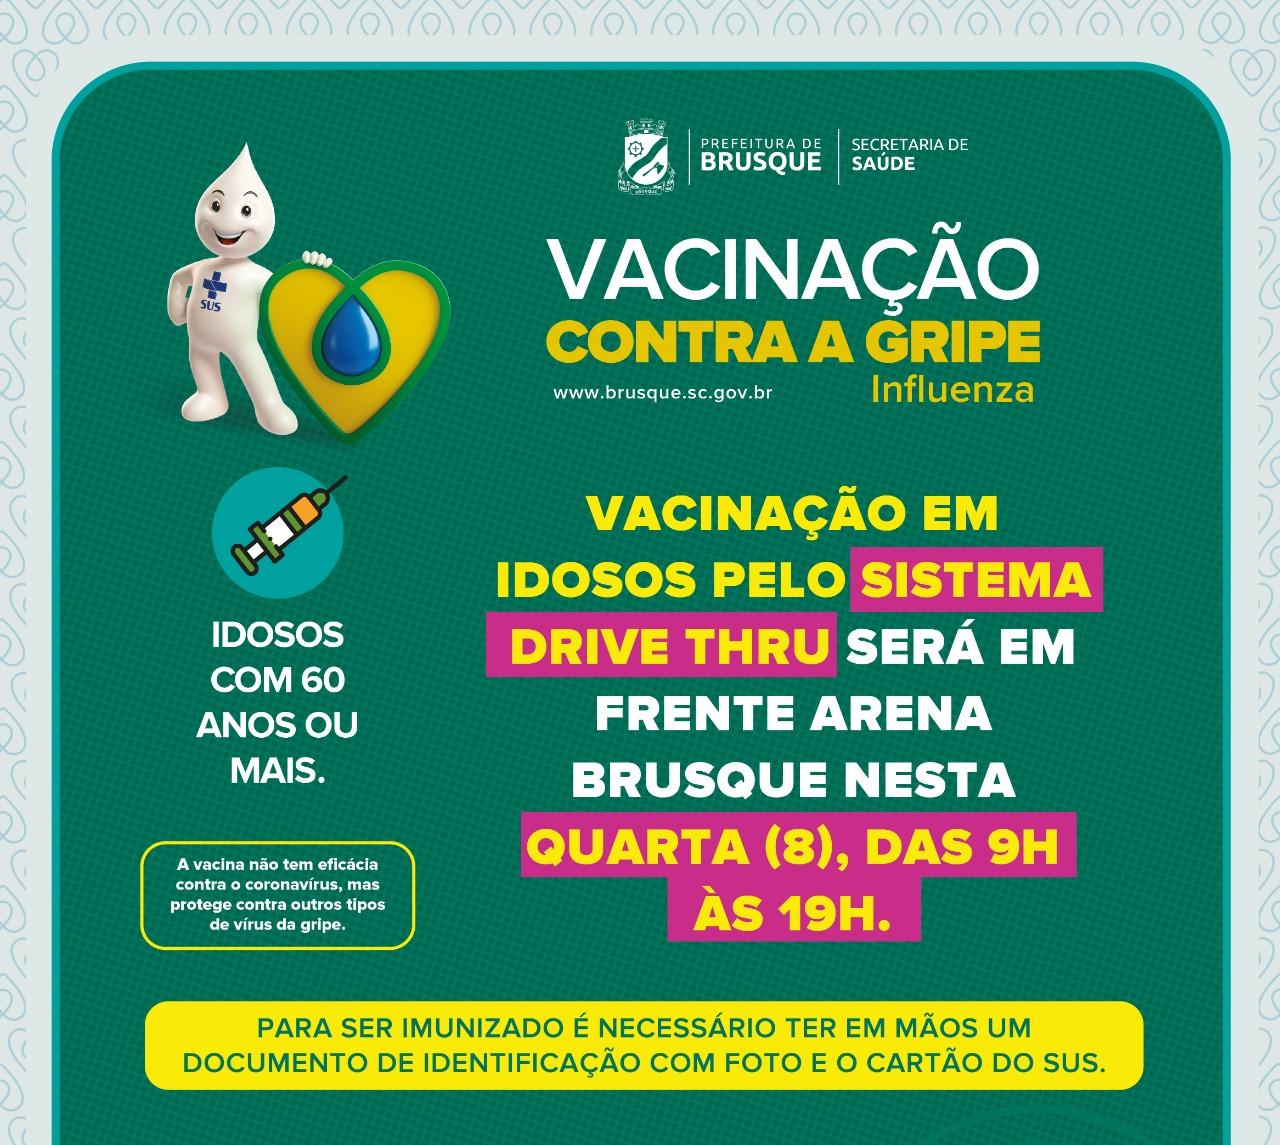 MUDANÇA DE LOCAL: Vacinação em idosos pelo sistema drive thru será em frente Arena Brusque nesta quarta (8)